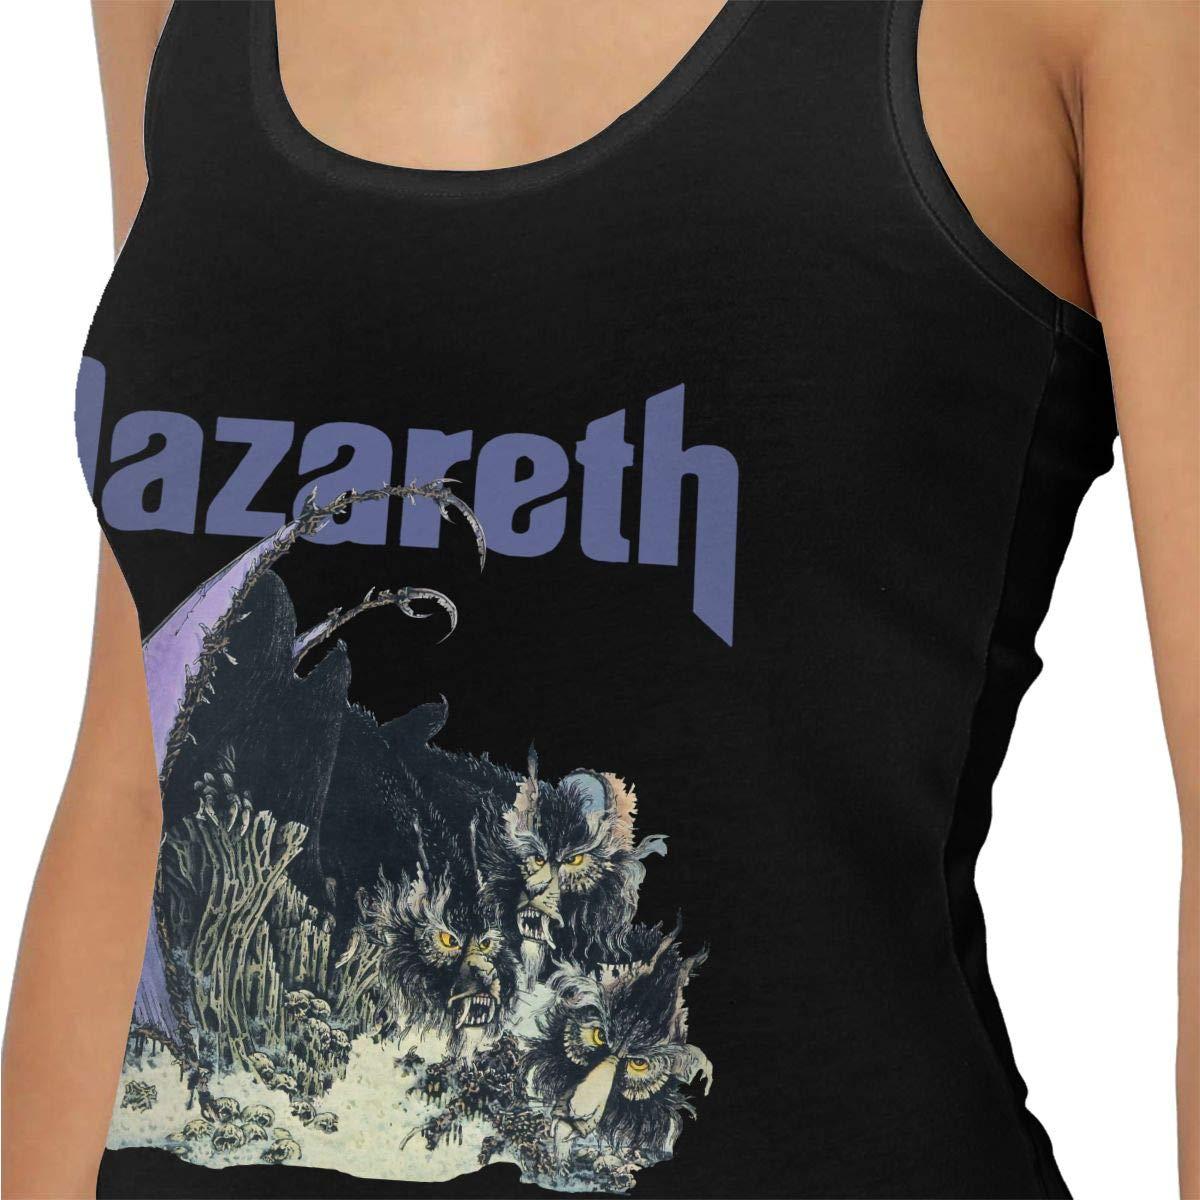 d013a90970e89d Nazareth Hard Rock Band Tank Tops for Women